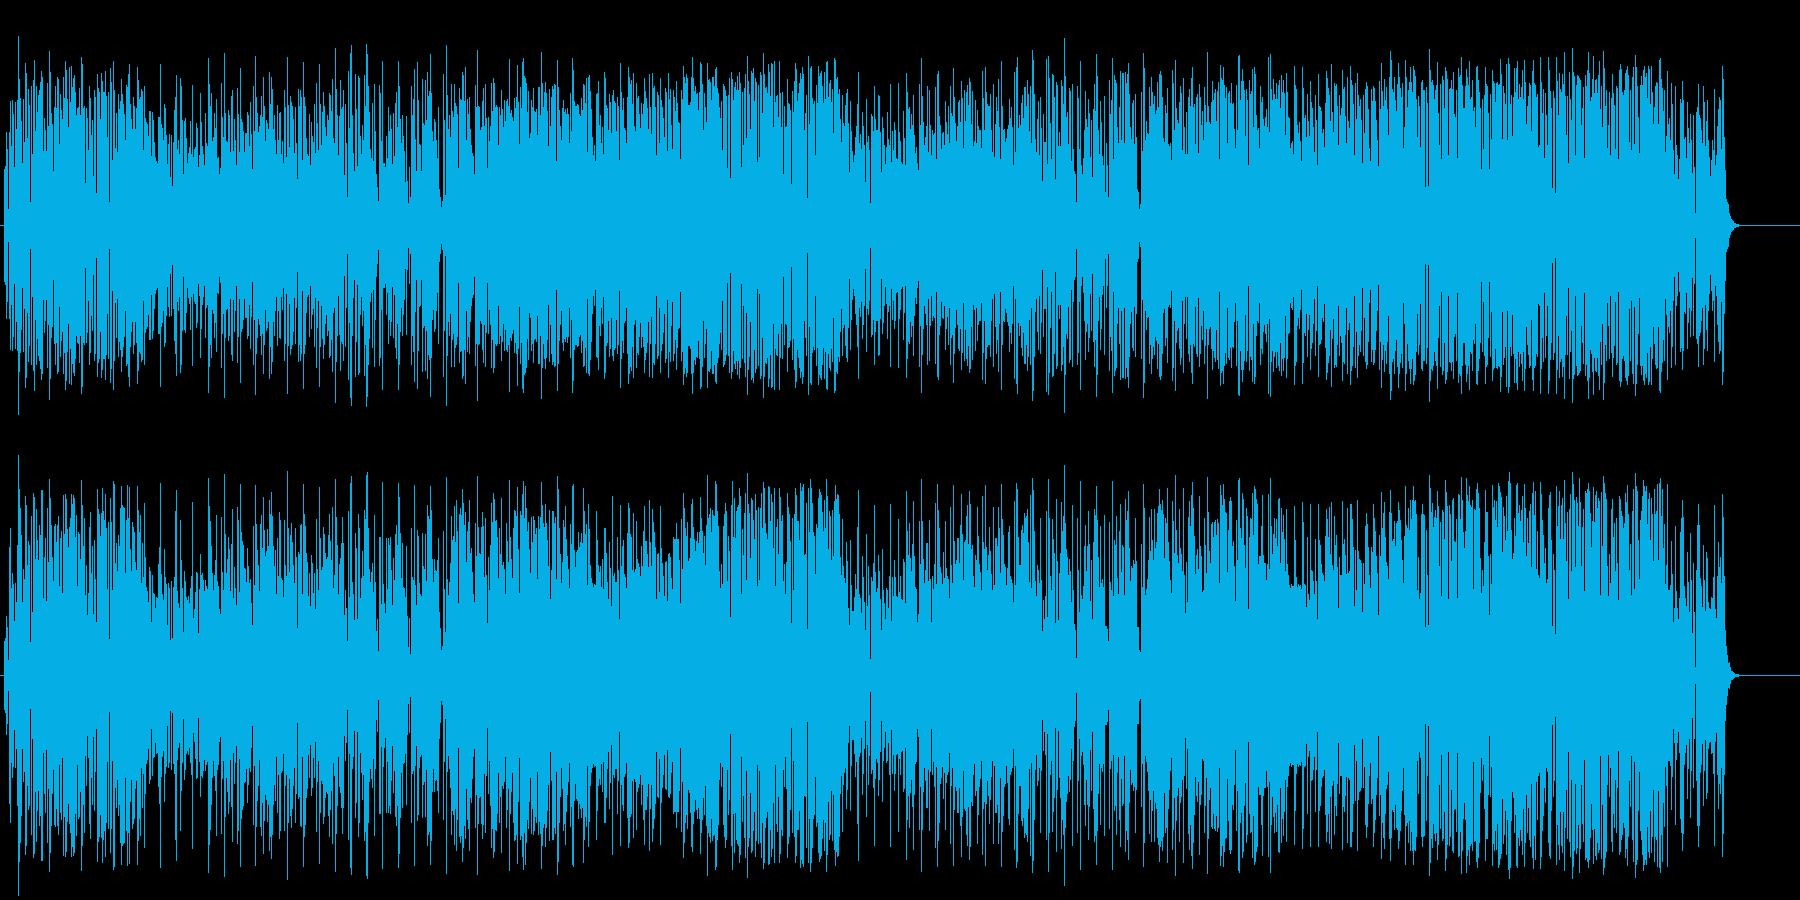 何をしようか考えたくなるハッピーなポップの再生済みの波形